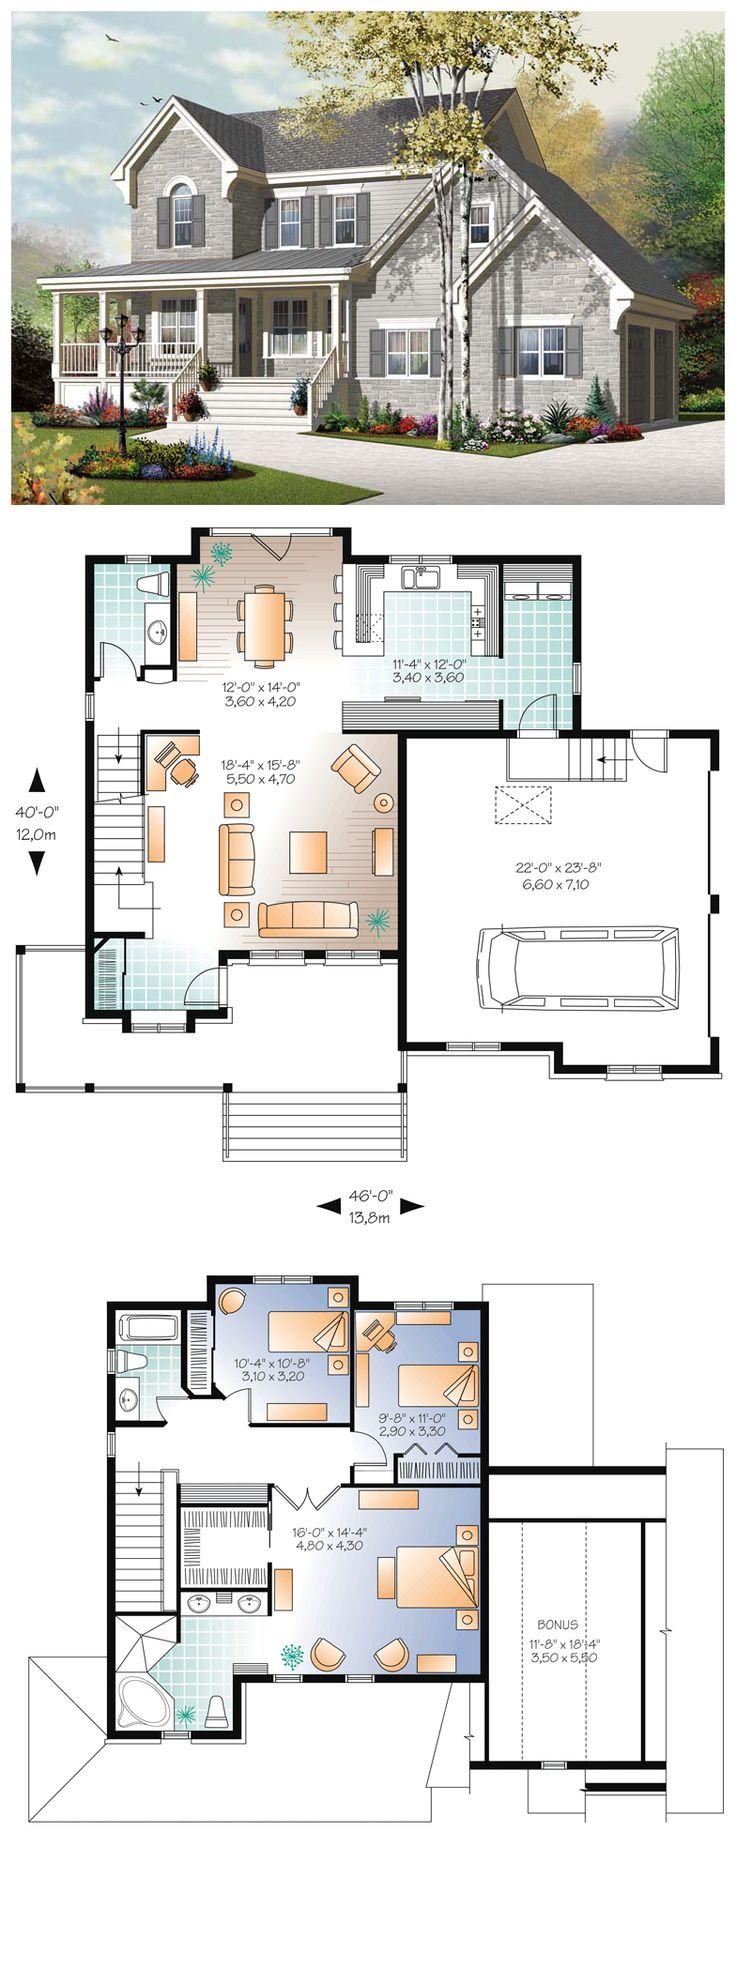 best casa de sonho images on pinterest architecture projects